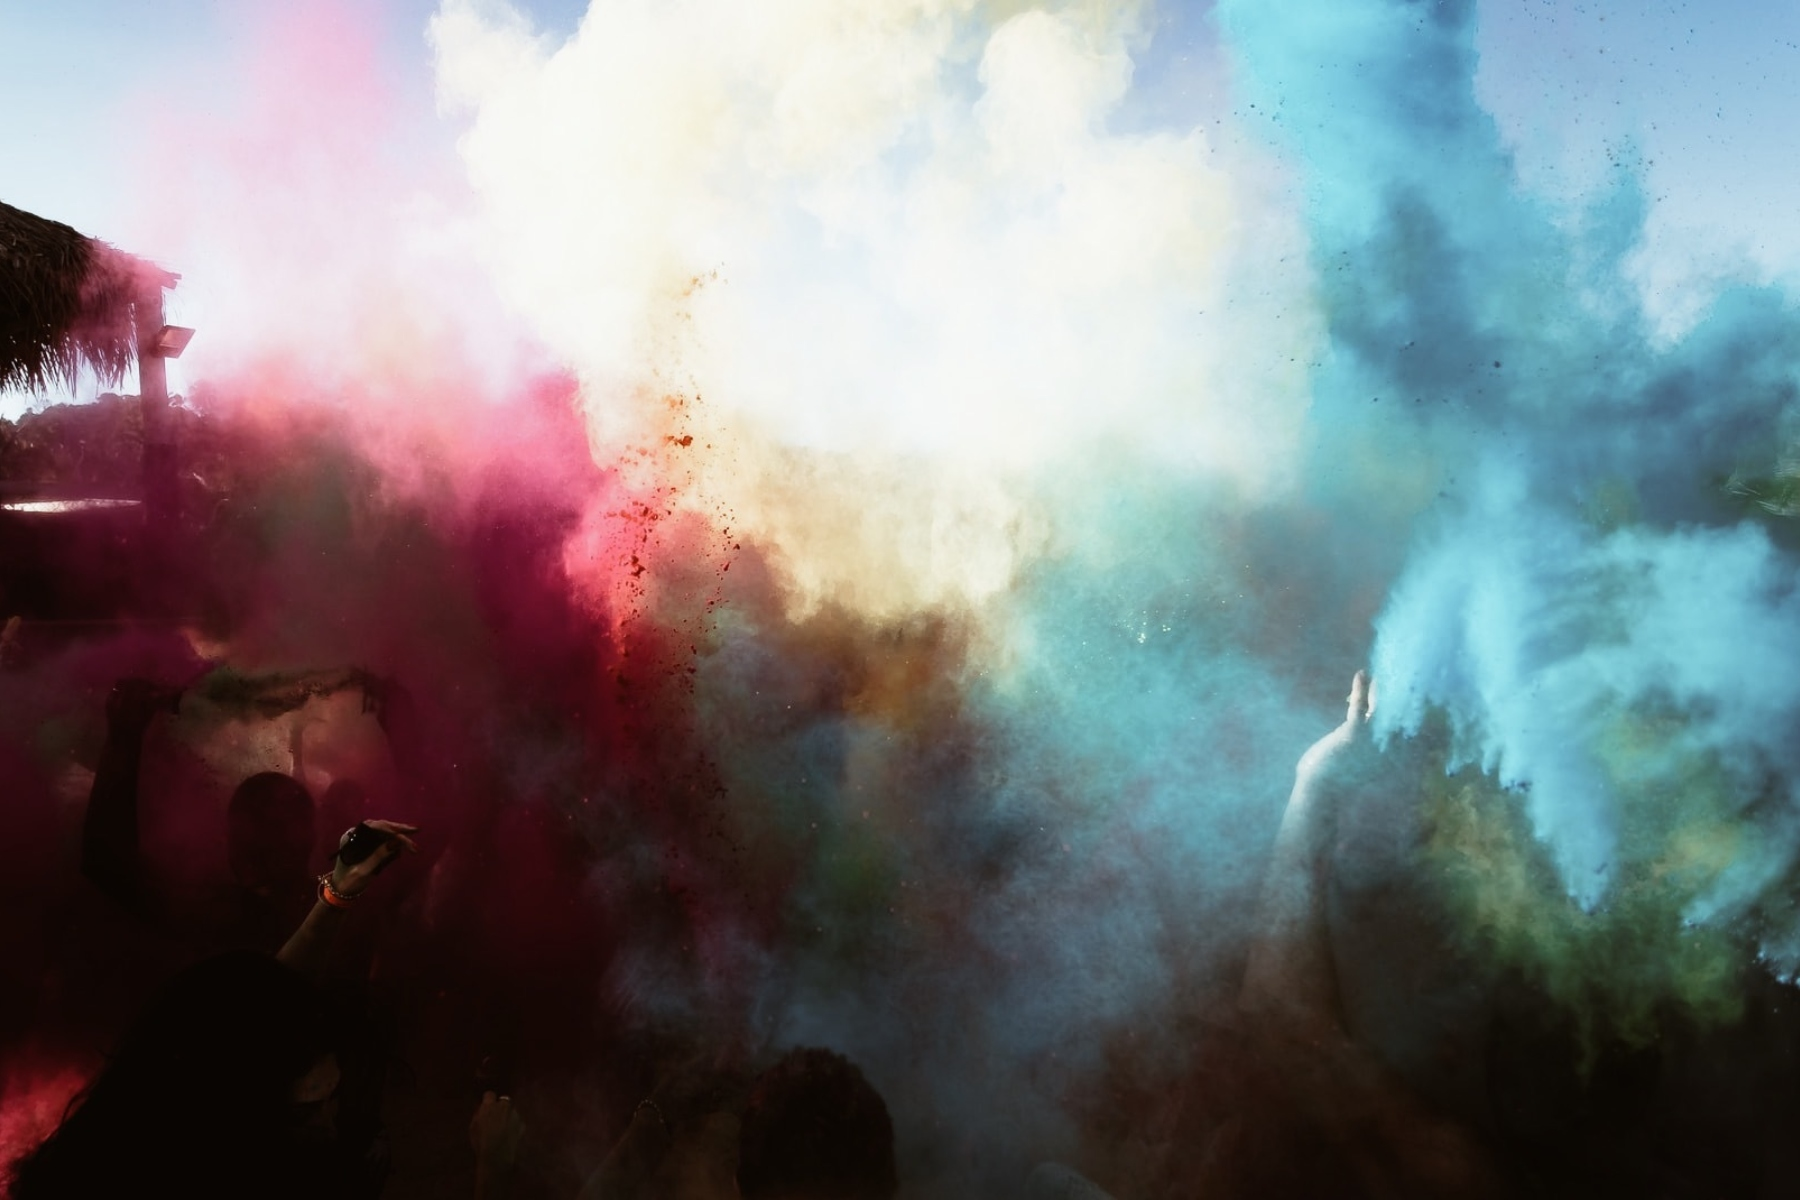 holi festival geheimtipp hamburg indisches farbenfest 1